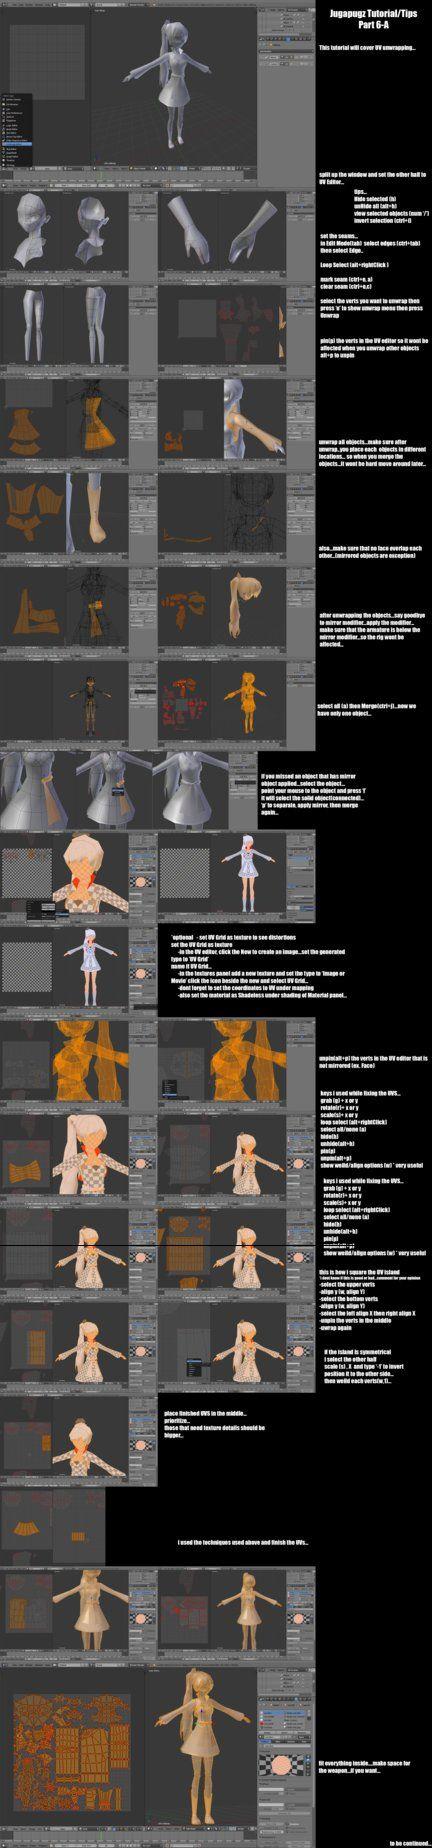 Jugapugz 3d lowpoly character Tutorial/Tip Part 6A by jugapugz.deviantart.com on @DeviantArt